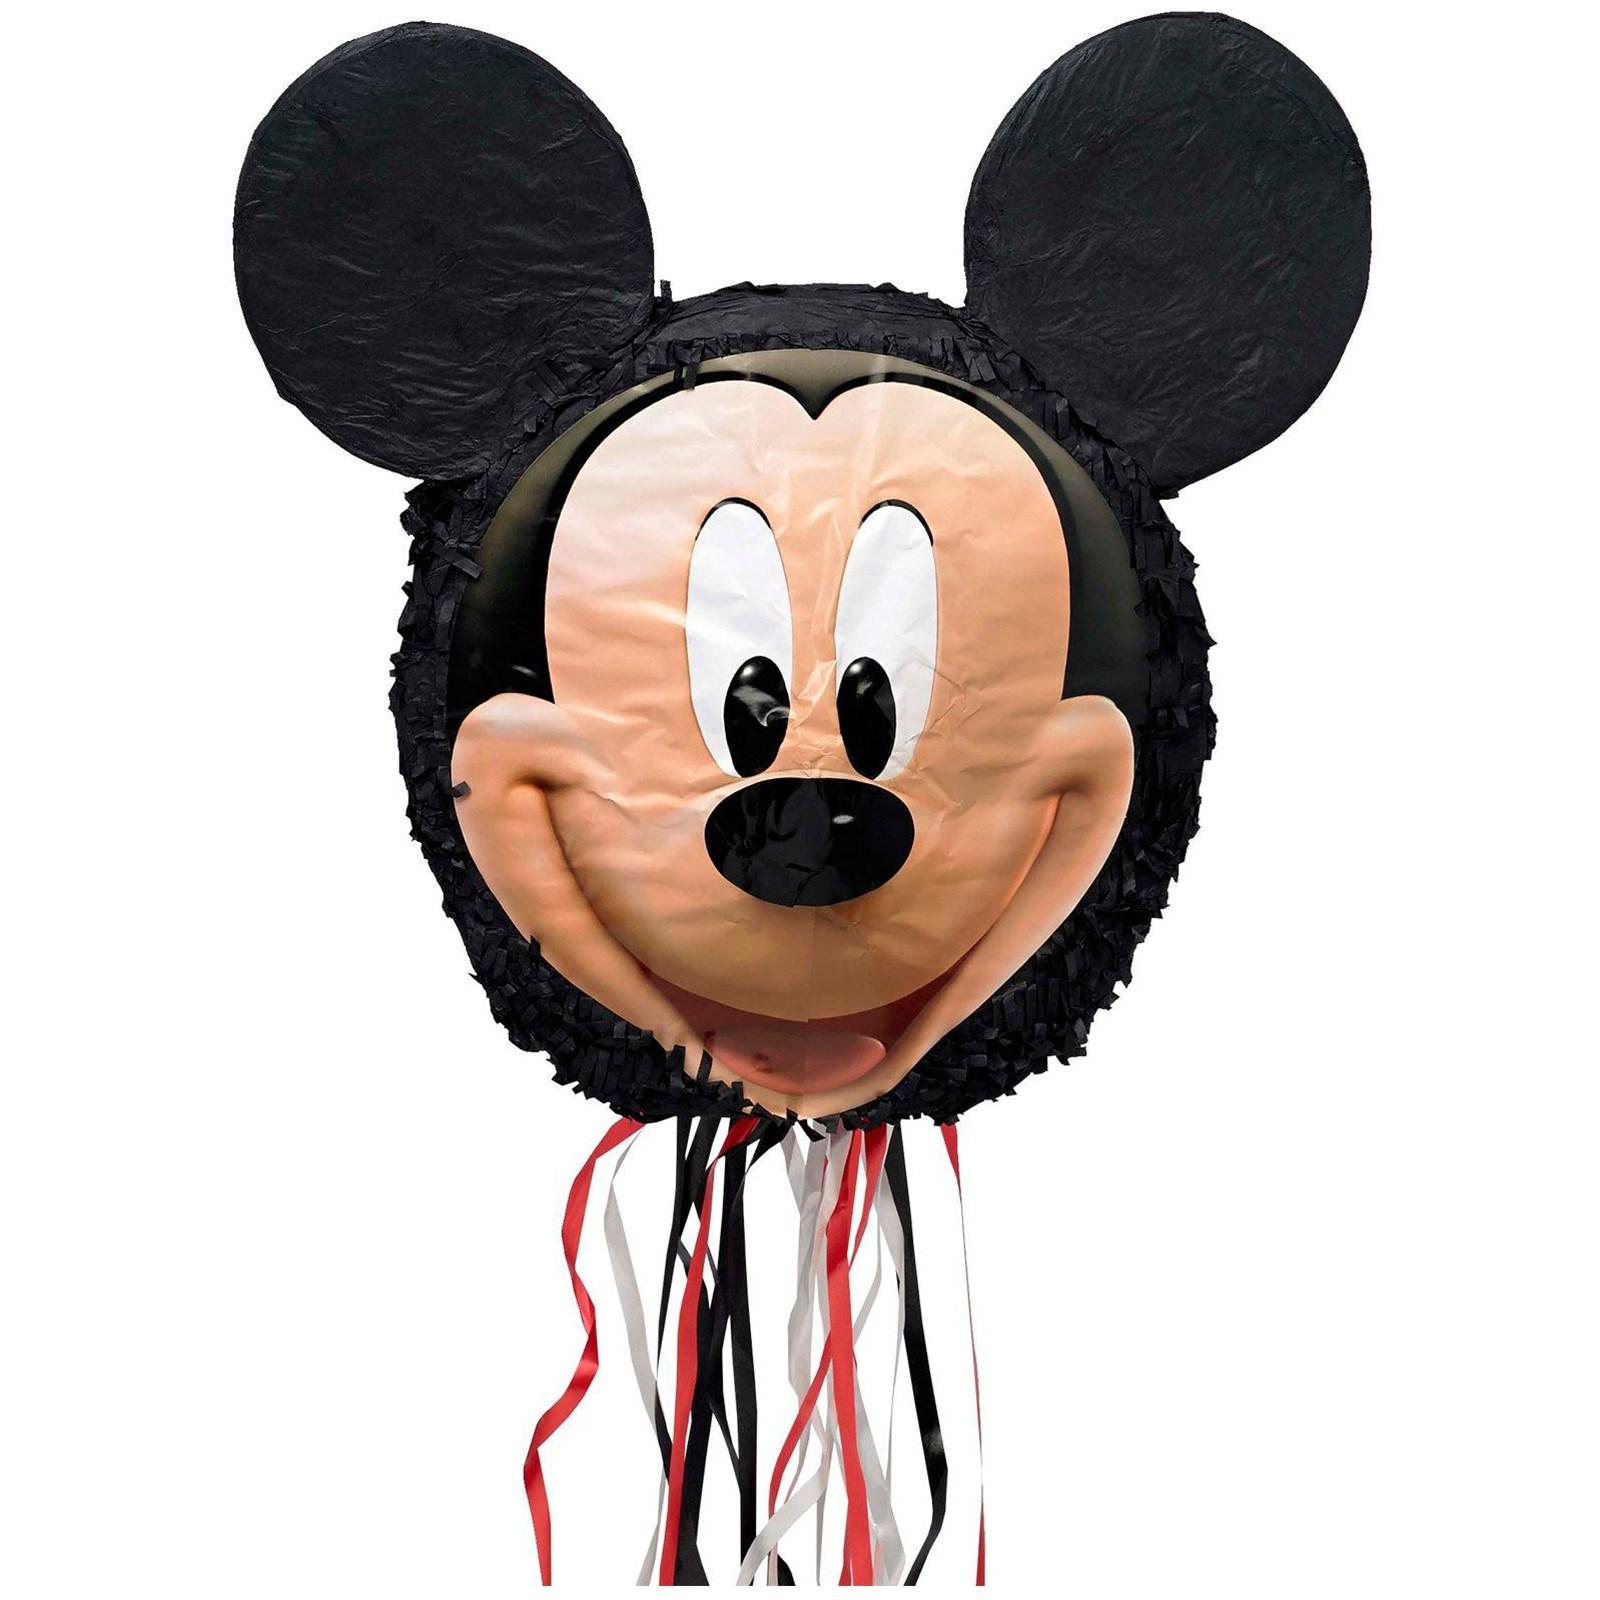 de mickey mouse - photo #36